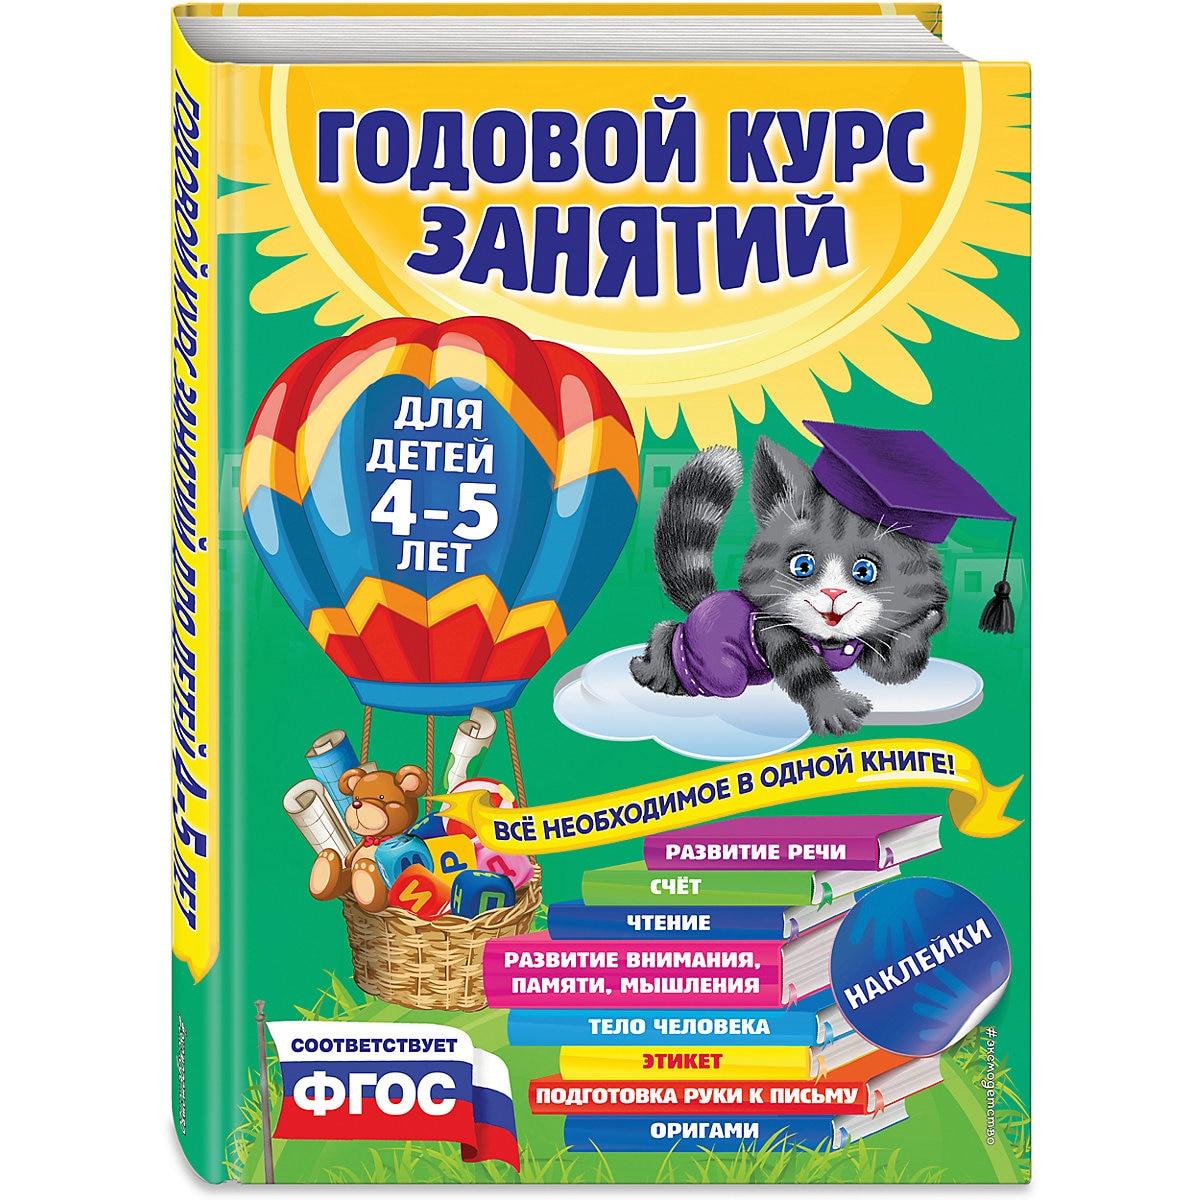 Livros EKSMO 4355898 MTpromo enciclopédia dicionário livro do alfabeto para o bebê educação infantil